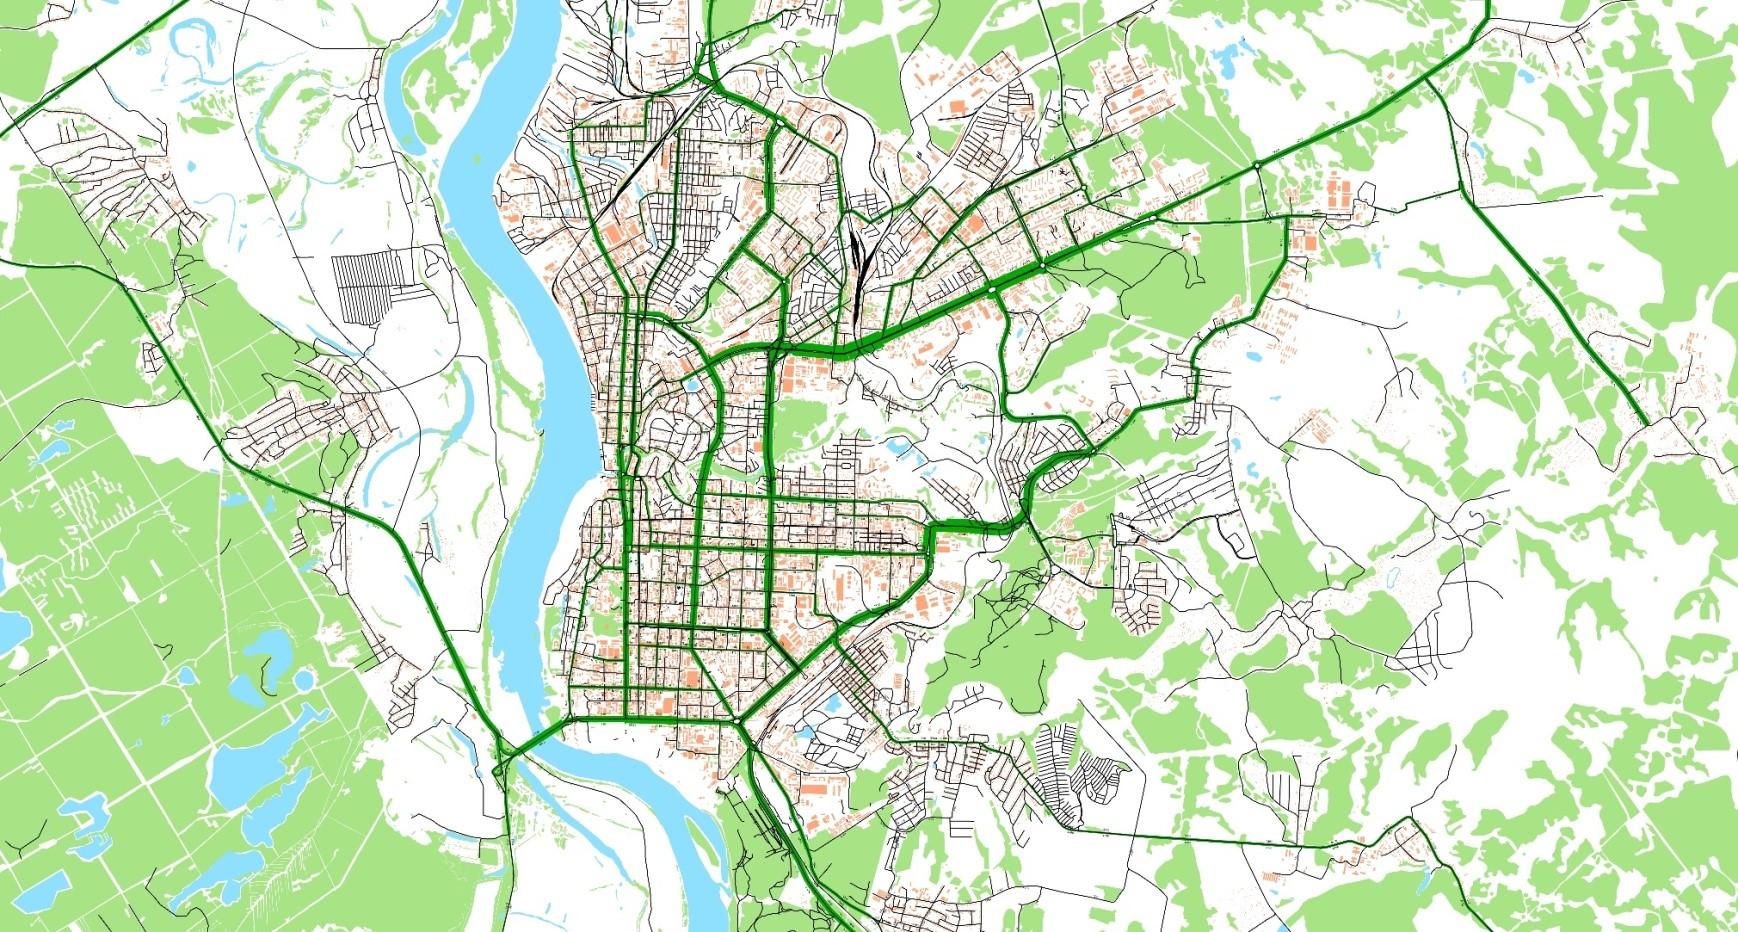 Картограмма интенсивностей движения транспортных потоков на улично-дорожной сети г. Томска